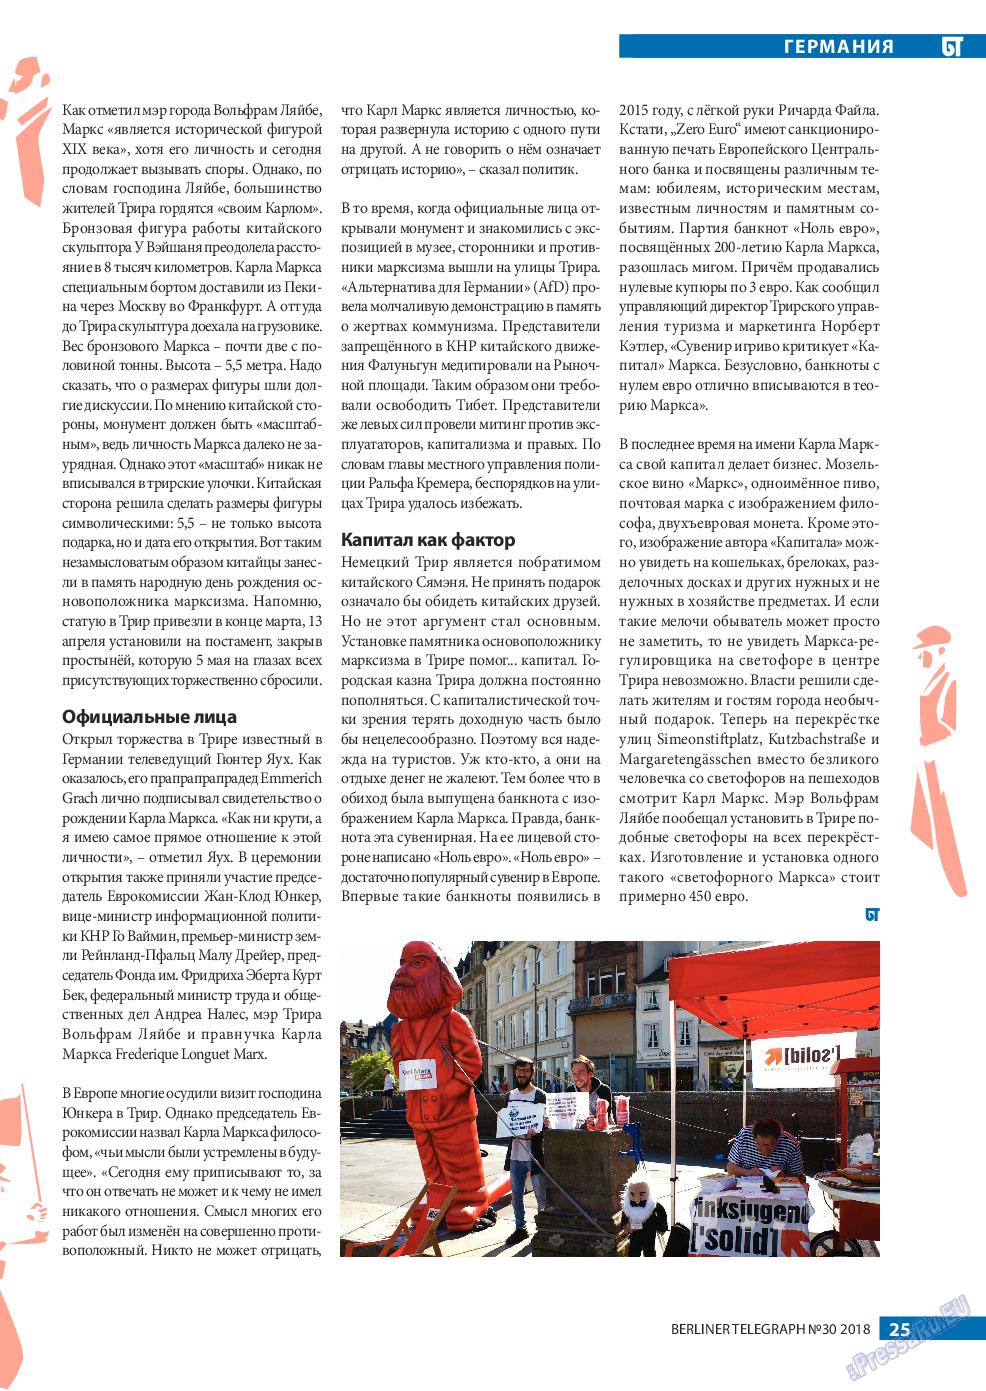 Берлинский телеграф (журнал). 2018 год, номер 30, стр. 25